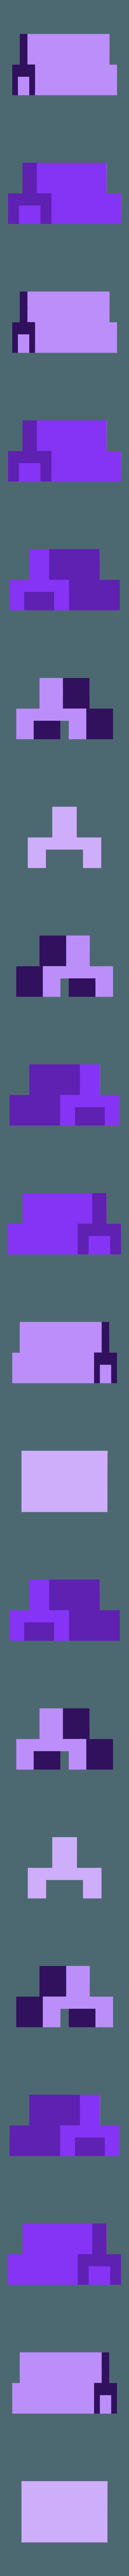 MODEL09.stl Télécharger fichier STL gratuit Exemple de dessin technique 09 • Objet imprimable en 3D, murbay52